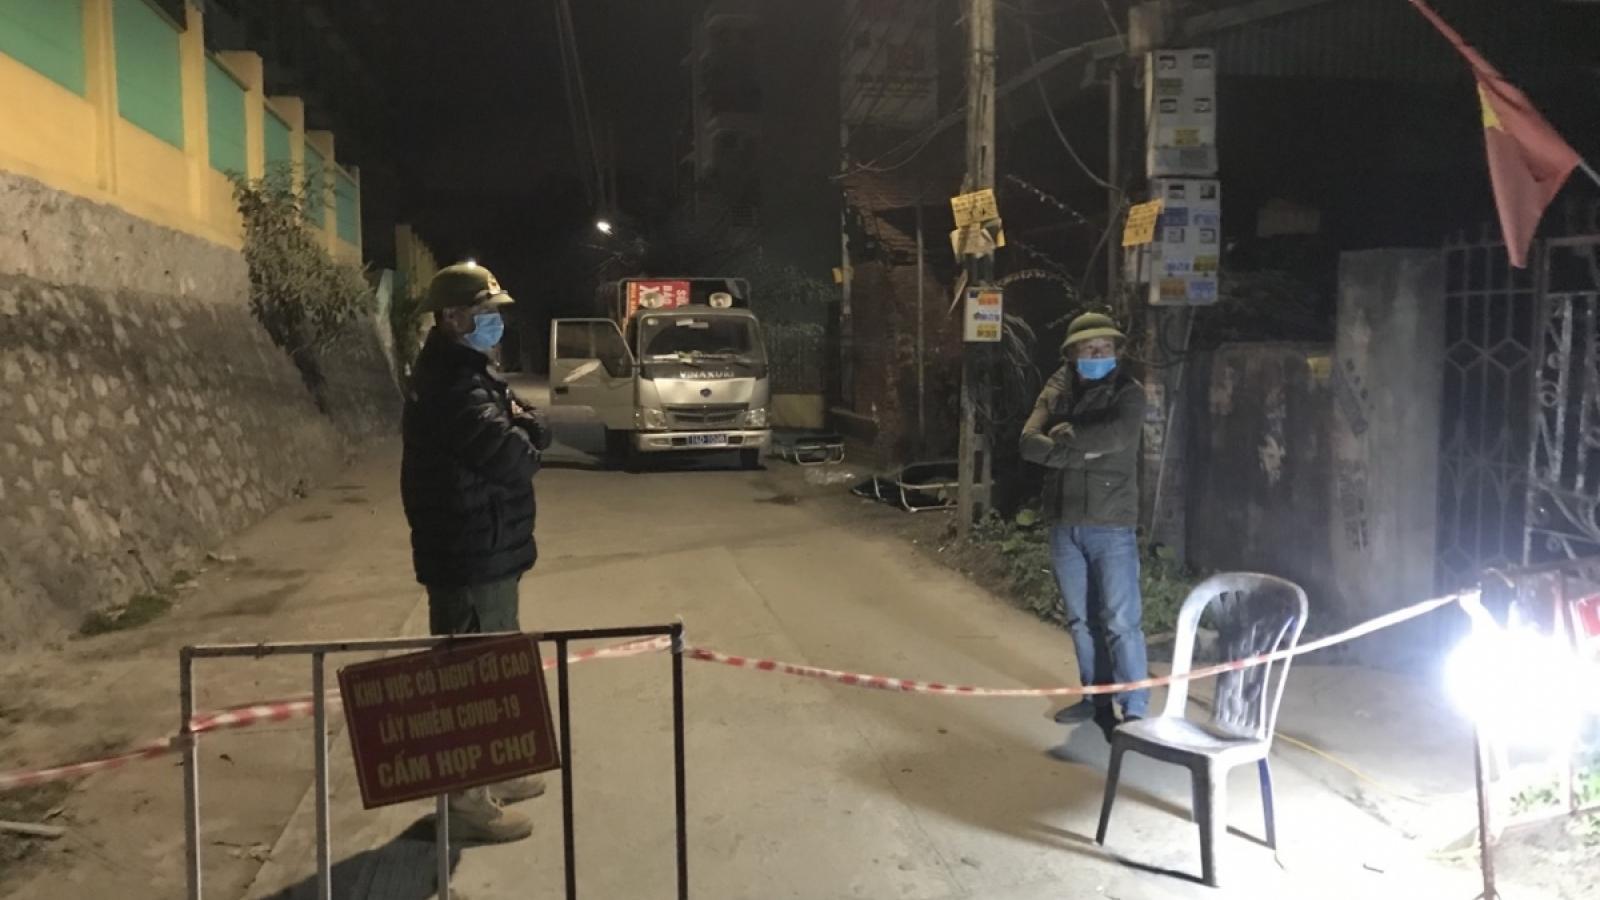 Trắng đêm chốt chặn khu dân cư có bệnh nhân Covid-19 ở Hạ Long